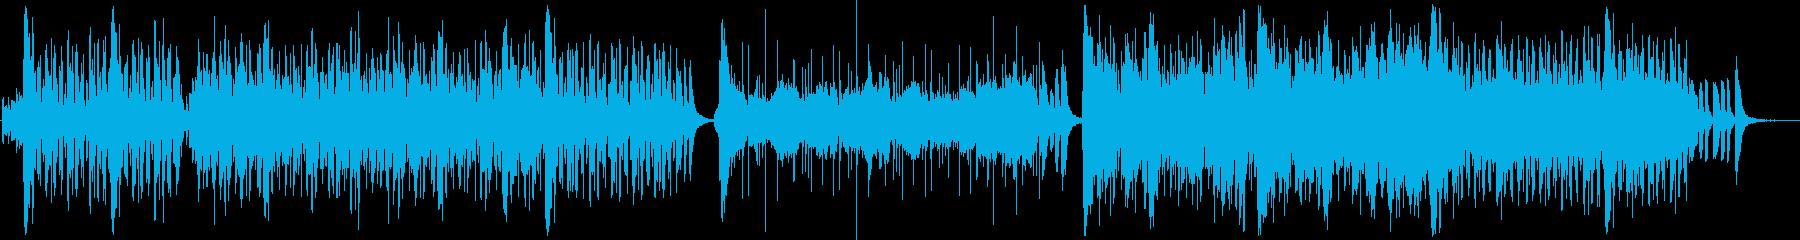 爽やかなフルートが印象的なBGMの再生済みの波形